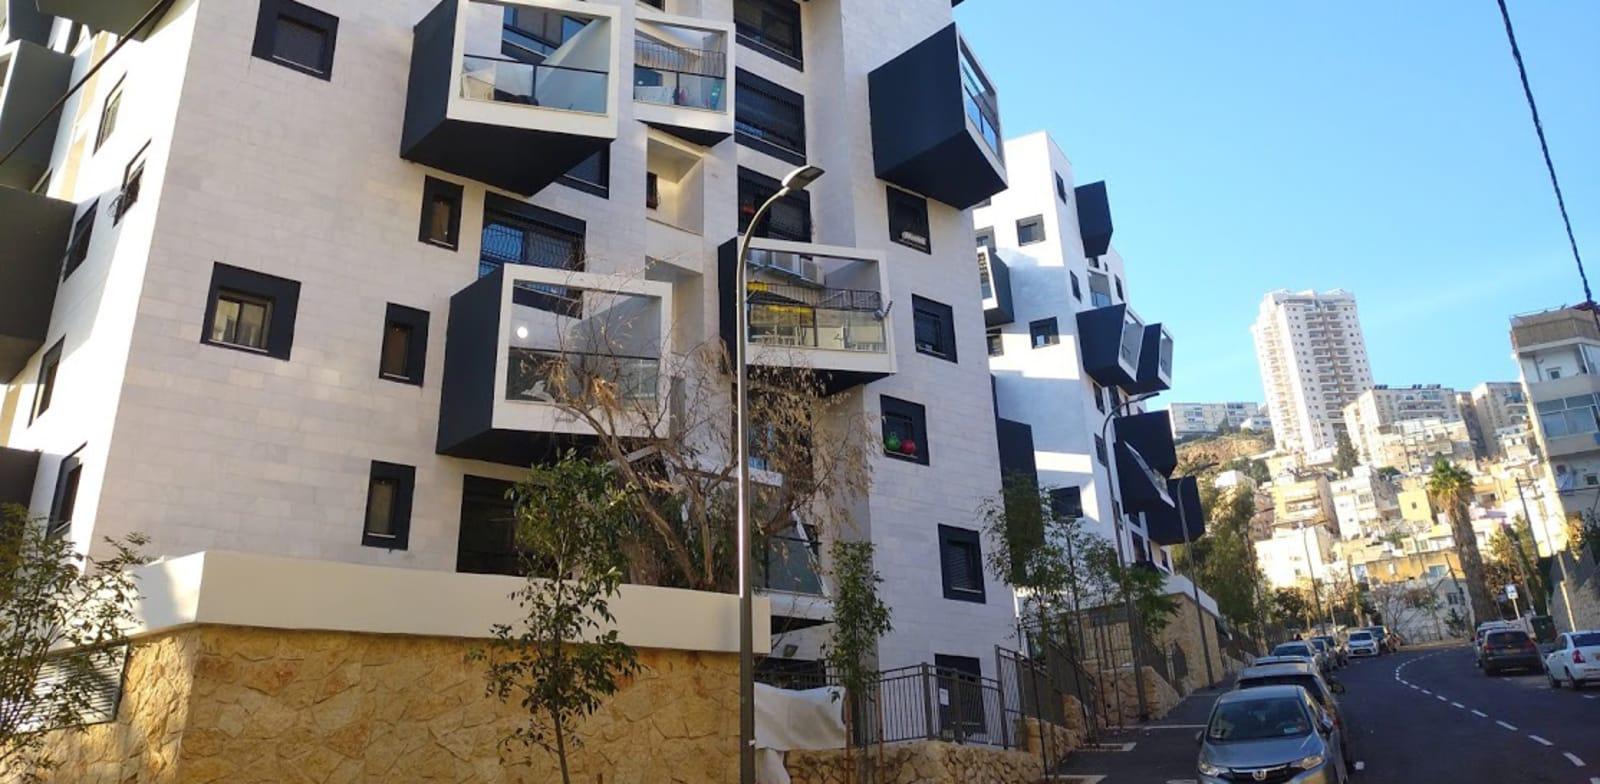 שכונת מגורים בואדי רושמייה, חיפה / צילום: גיא נרדי